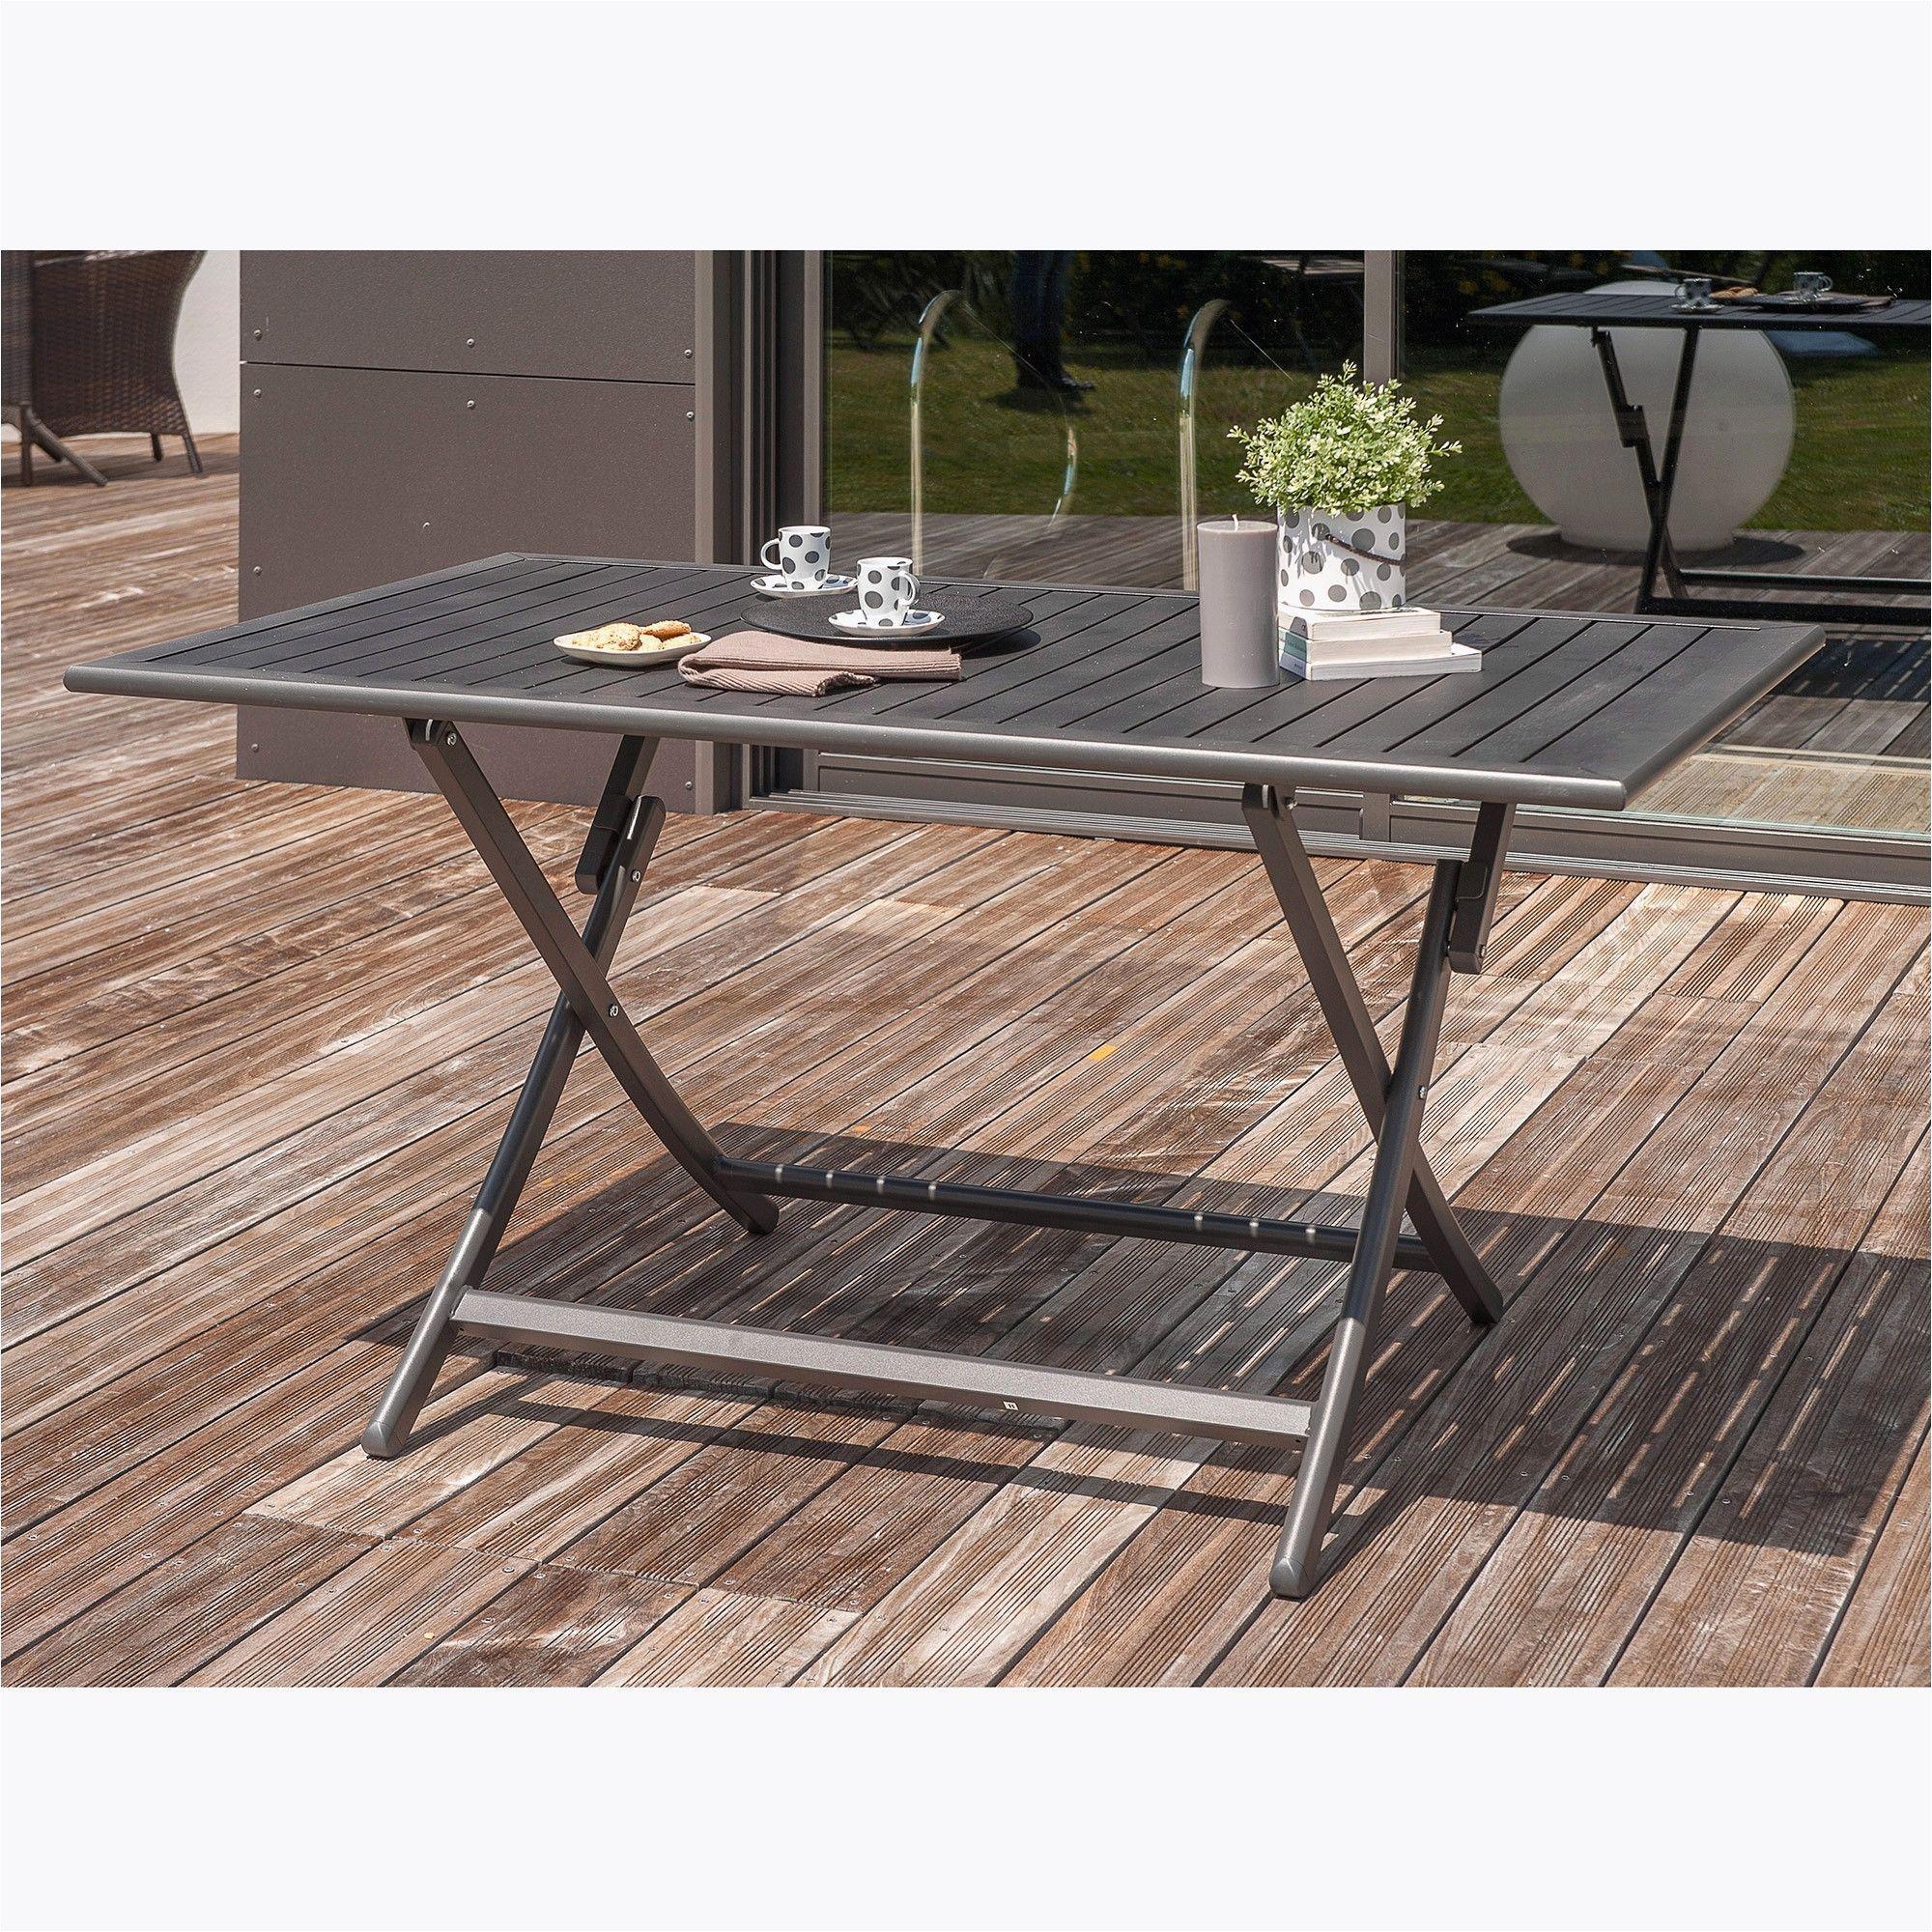 Table Banc Bois Exterieur Luxe Table Pliante Leclerc Beau S Leclerc Table De Jardin